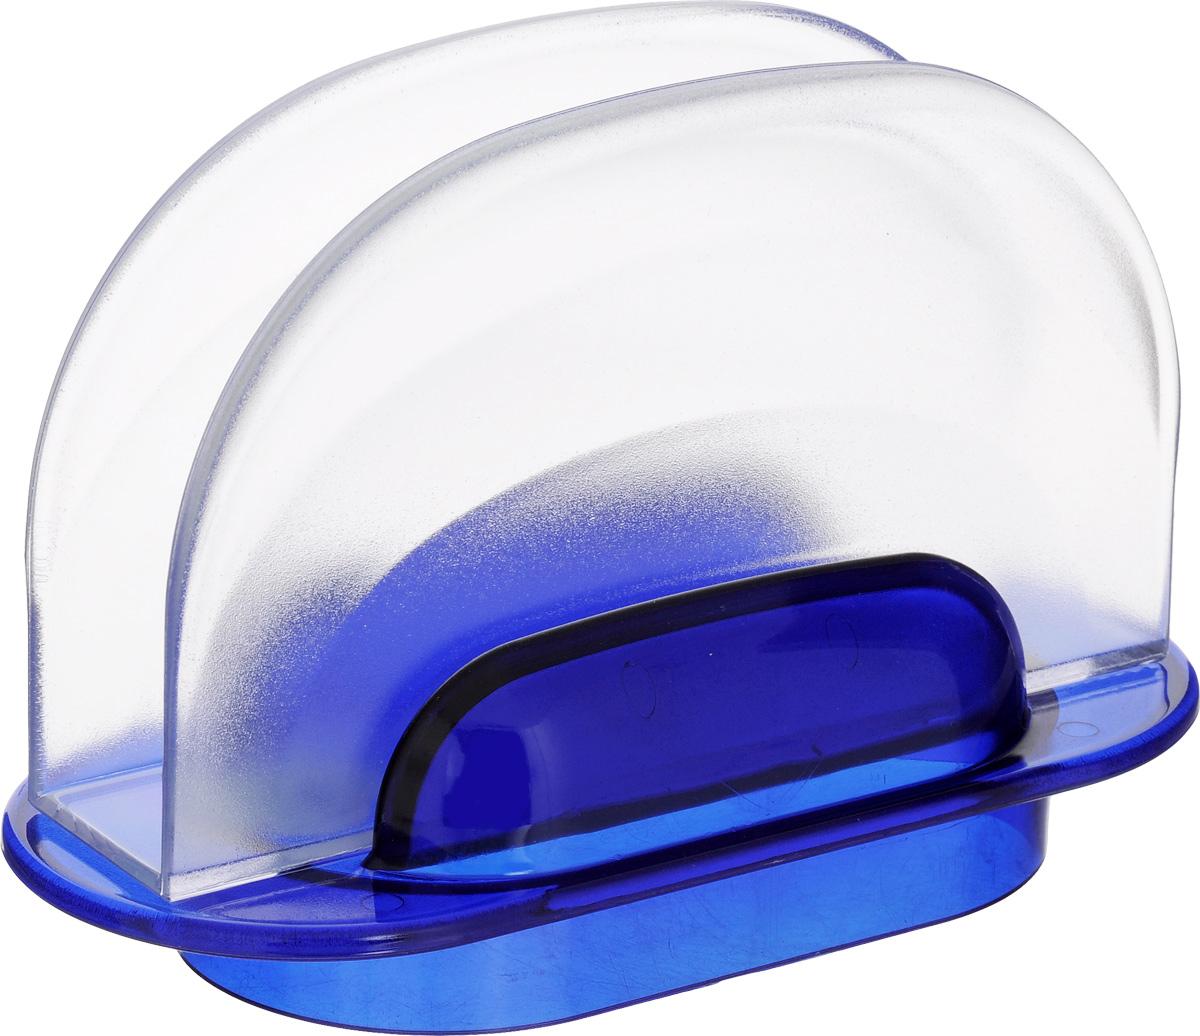 Салфетница Berossi Санти, цвет: синий, прозрачный, 16,5 х 7,5 х 11 смИК01610000Салфетница Berossi Санти изготовлена из прочного пластика. Полукруглая салфетница прекрасно подойдет для вашей кухни и великолепно украсит стол. Яркий дизайн и красочность оформления салфетницы придутся по вкусу и ценителям классики, и тем, кто предпочитает утонченность и изысканность.